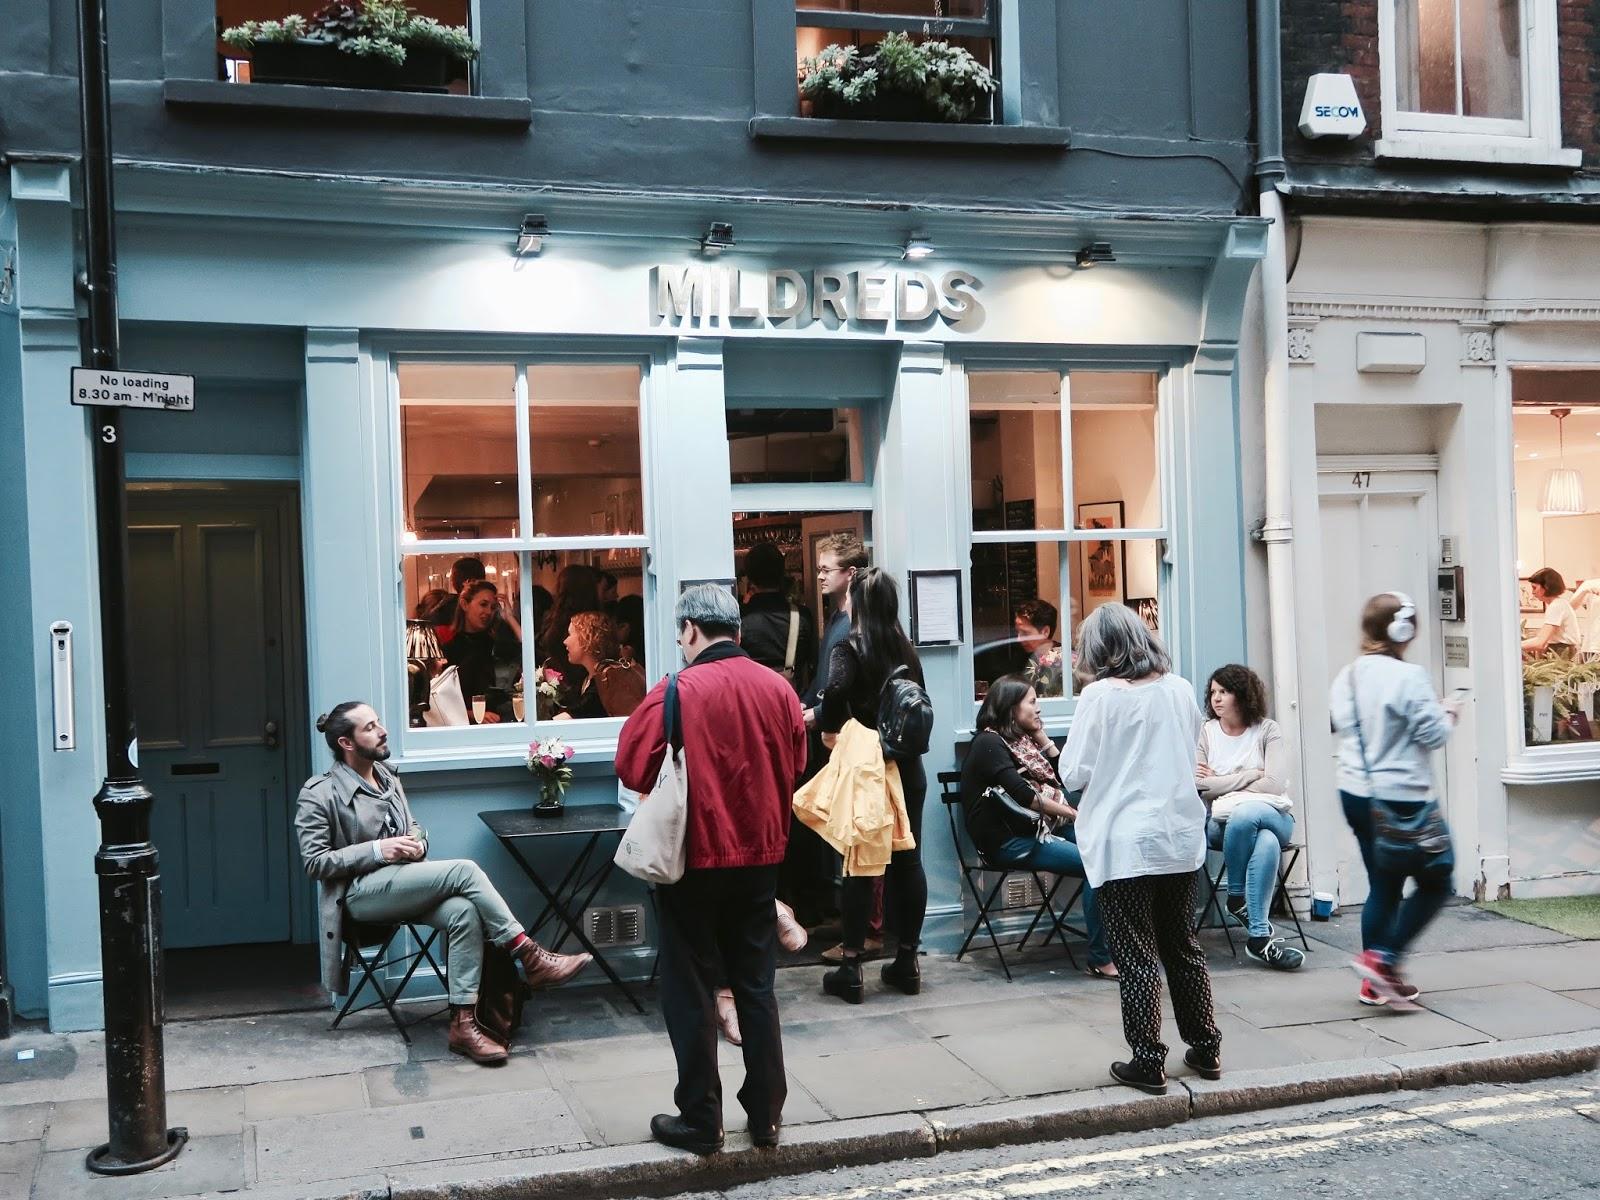 Mildreds Restaurant